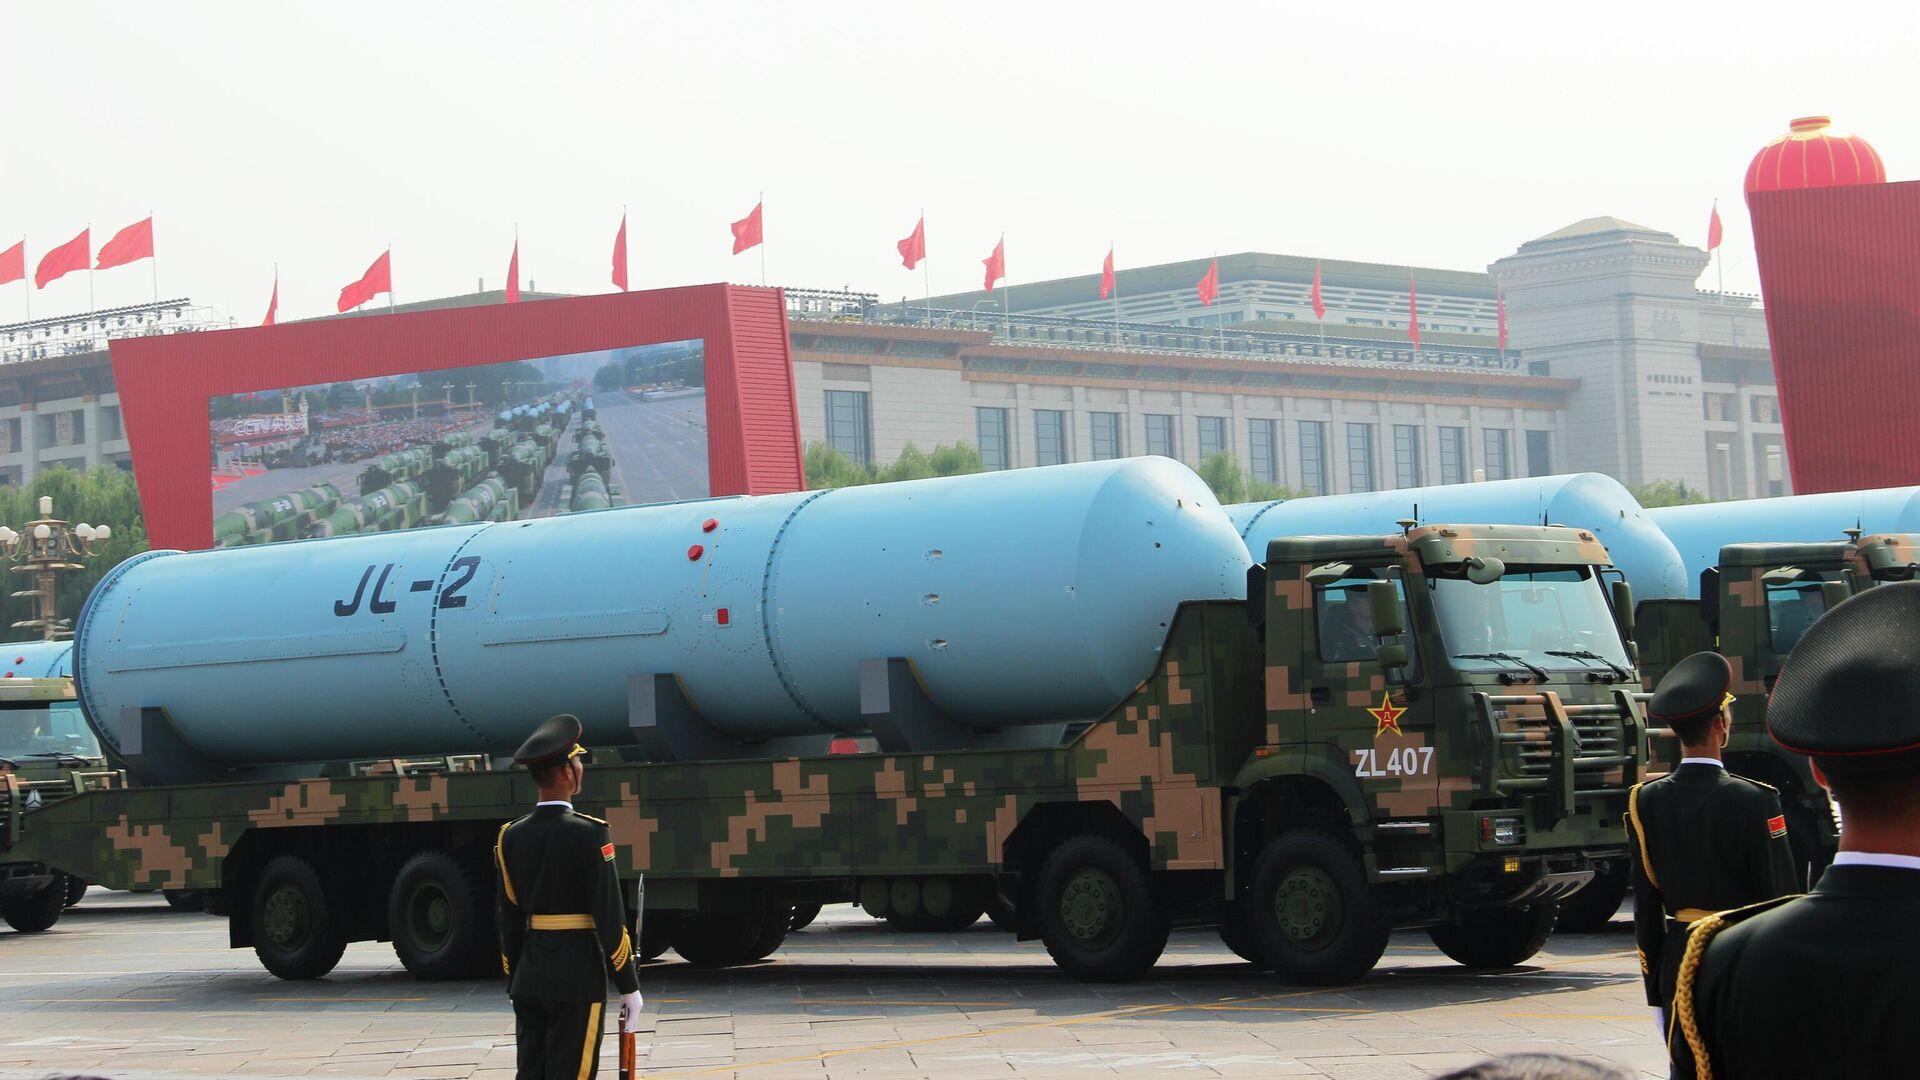 Двухступенчатая твердотопливная баллистическая ракета JL-2 (Цзюйлан) на военном параде, приуроченном к 70-летию образования Китая, в Пекине - РИА Новости, 1920, 25.09.2021